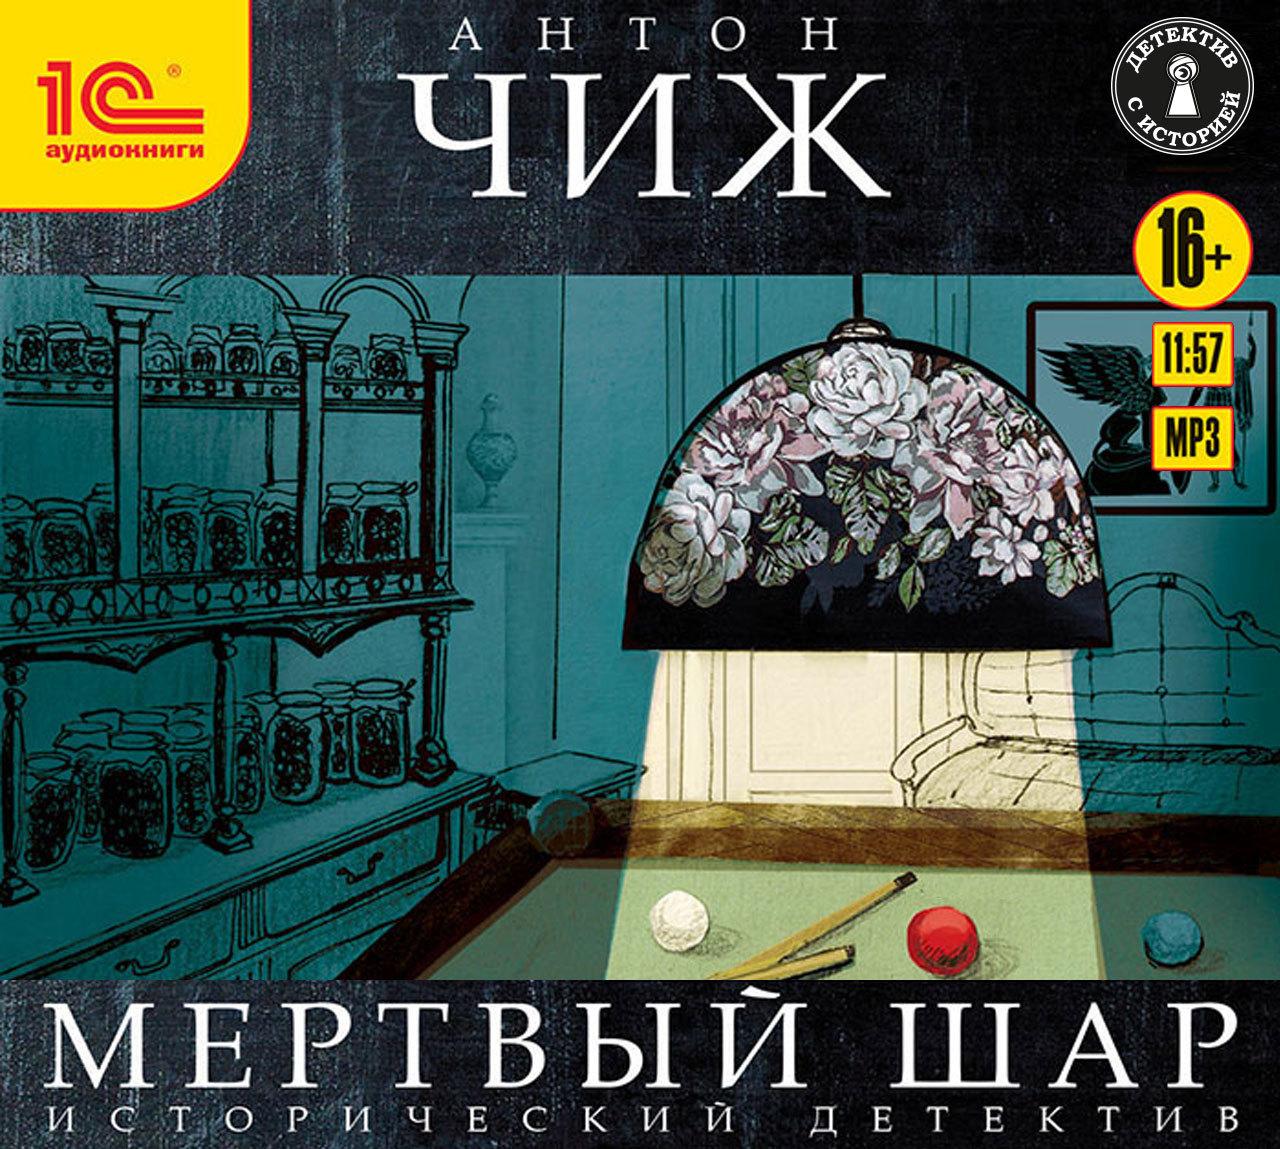 Книга притягивает взоры 35/91/57/35915749.bin.dir/35915749.cover.jpg обложка